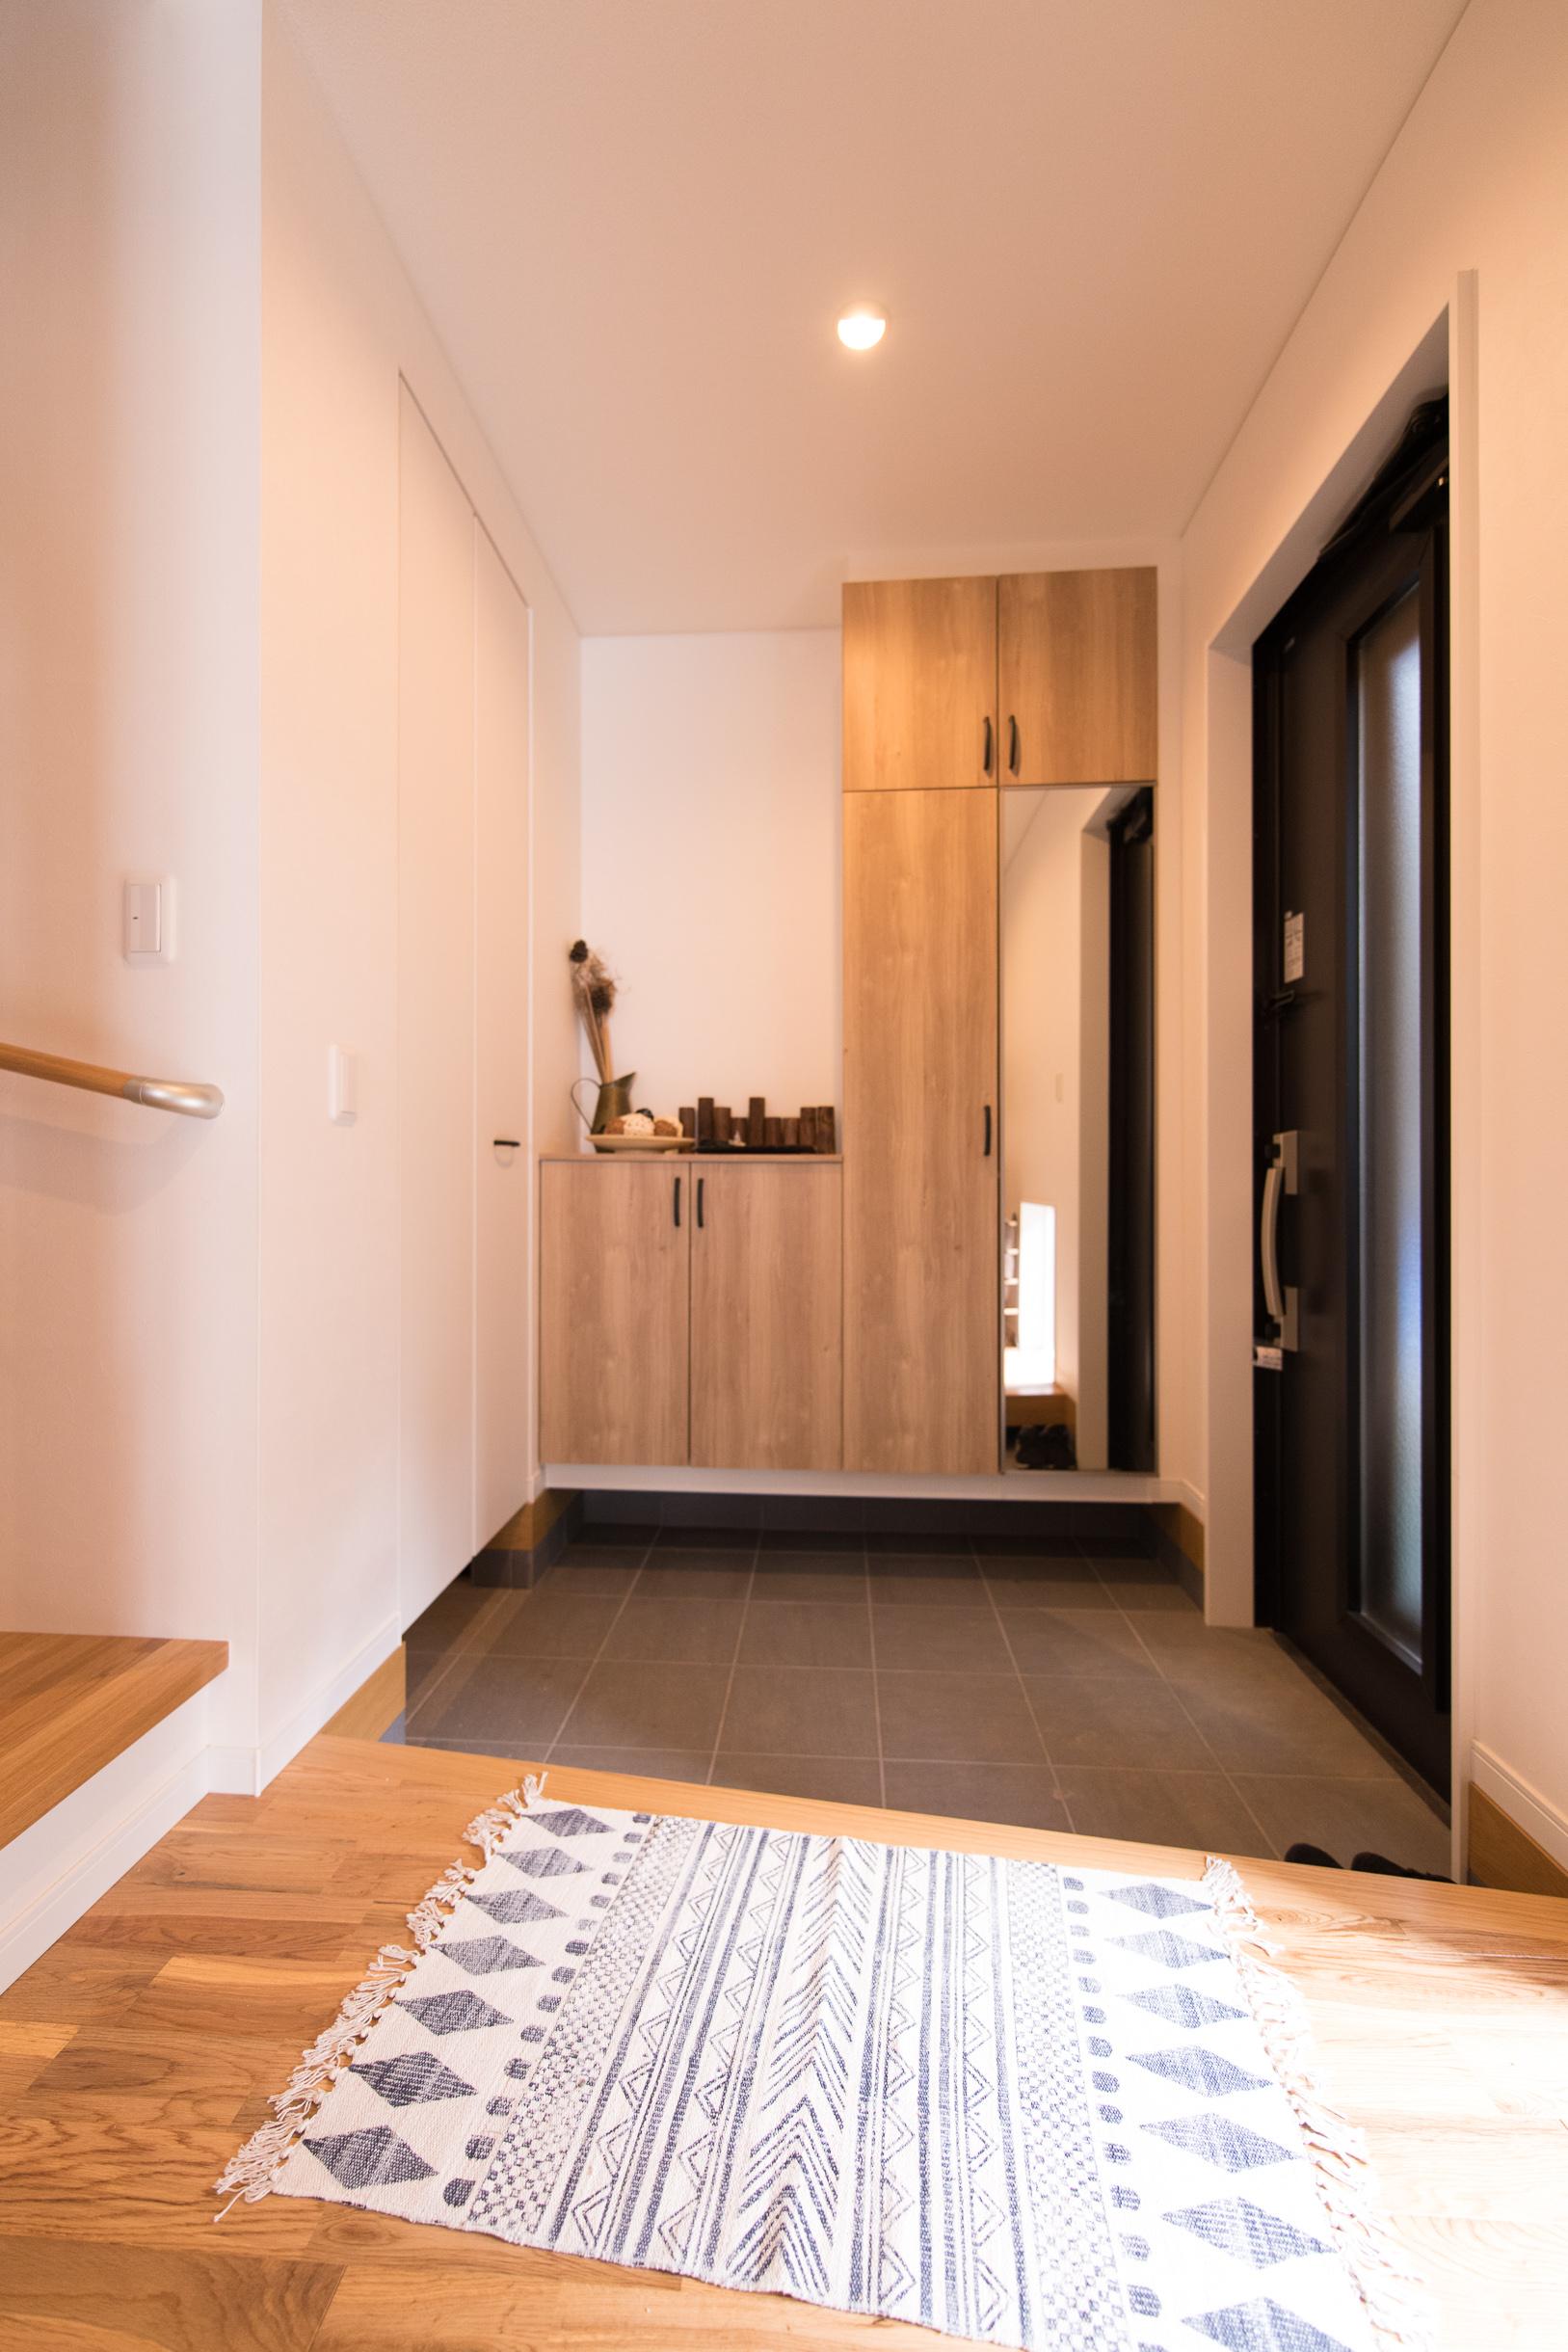 福山市の注文住宅|今井住建の施工事例ギャラリー「すっきりと落ち着いた雰囲気に」